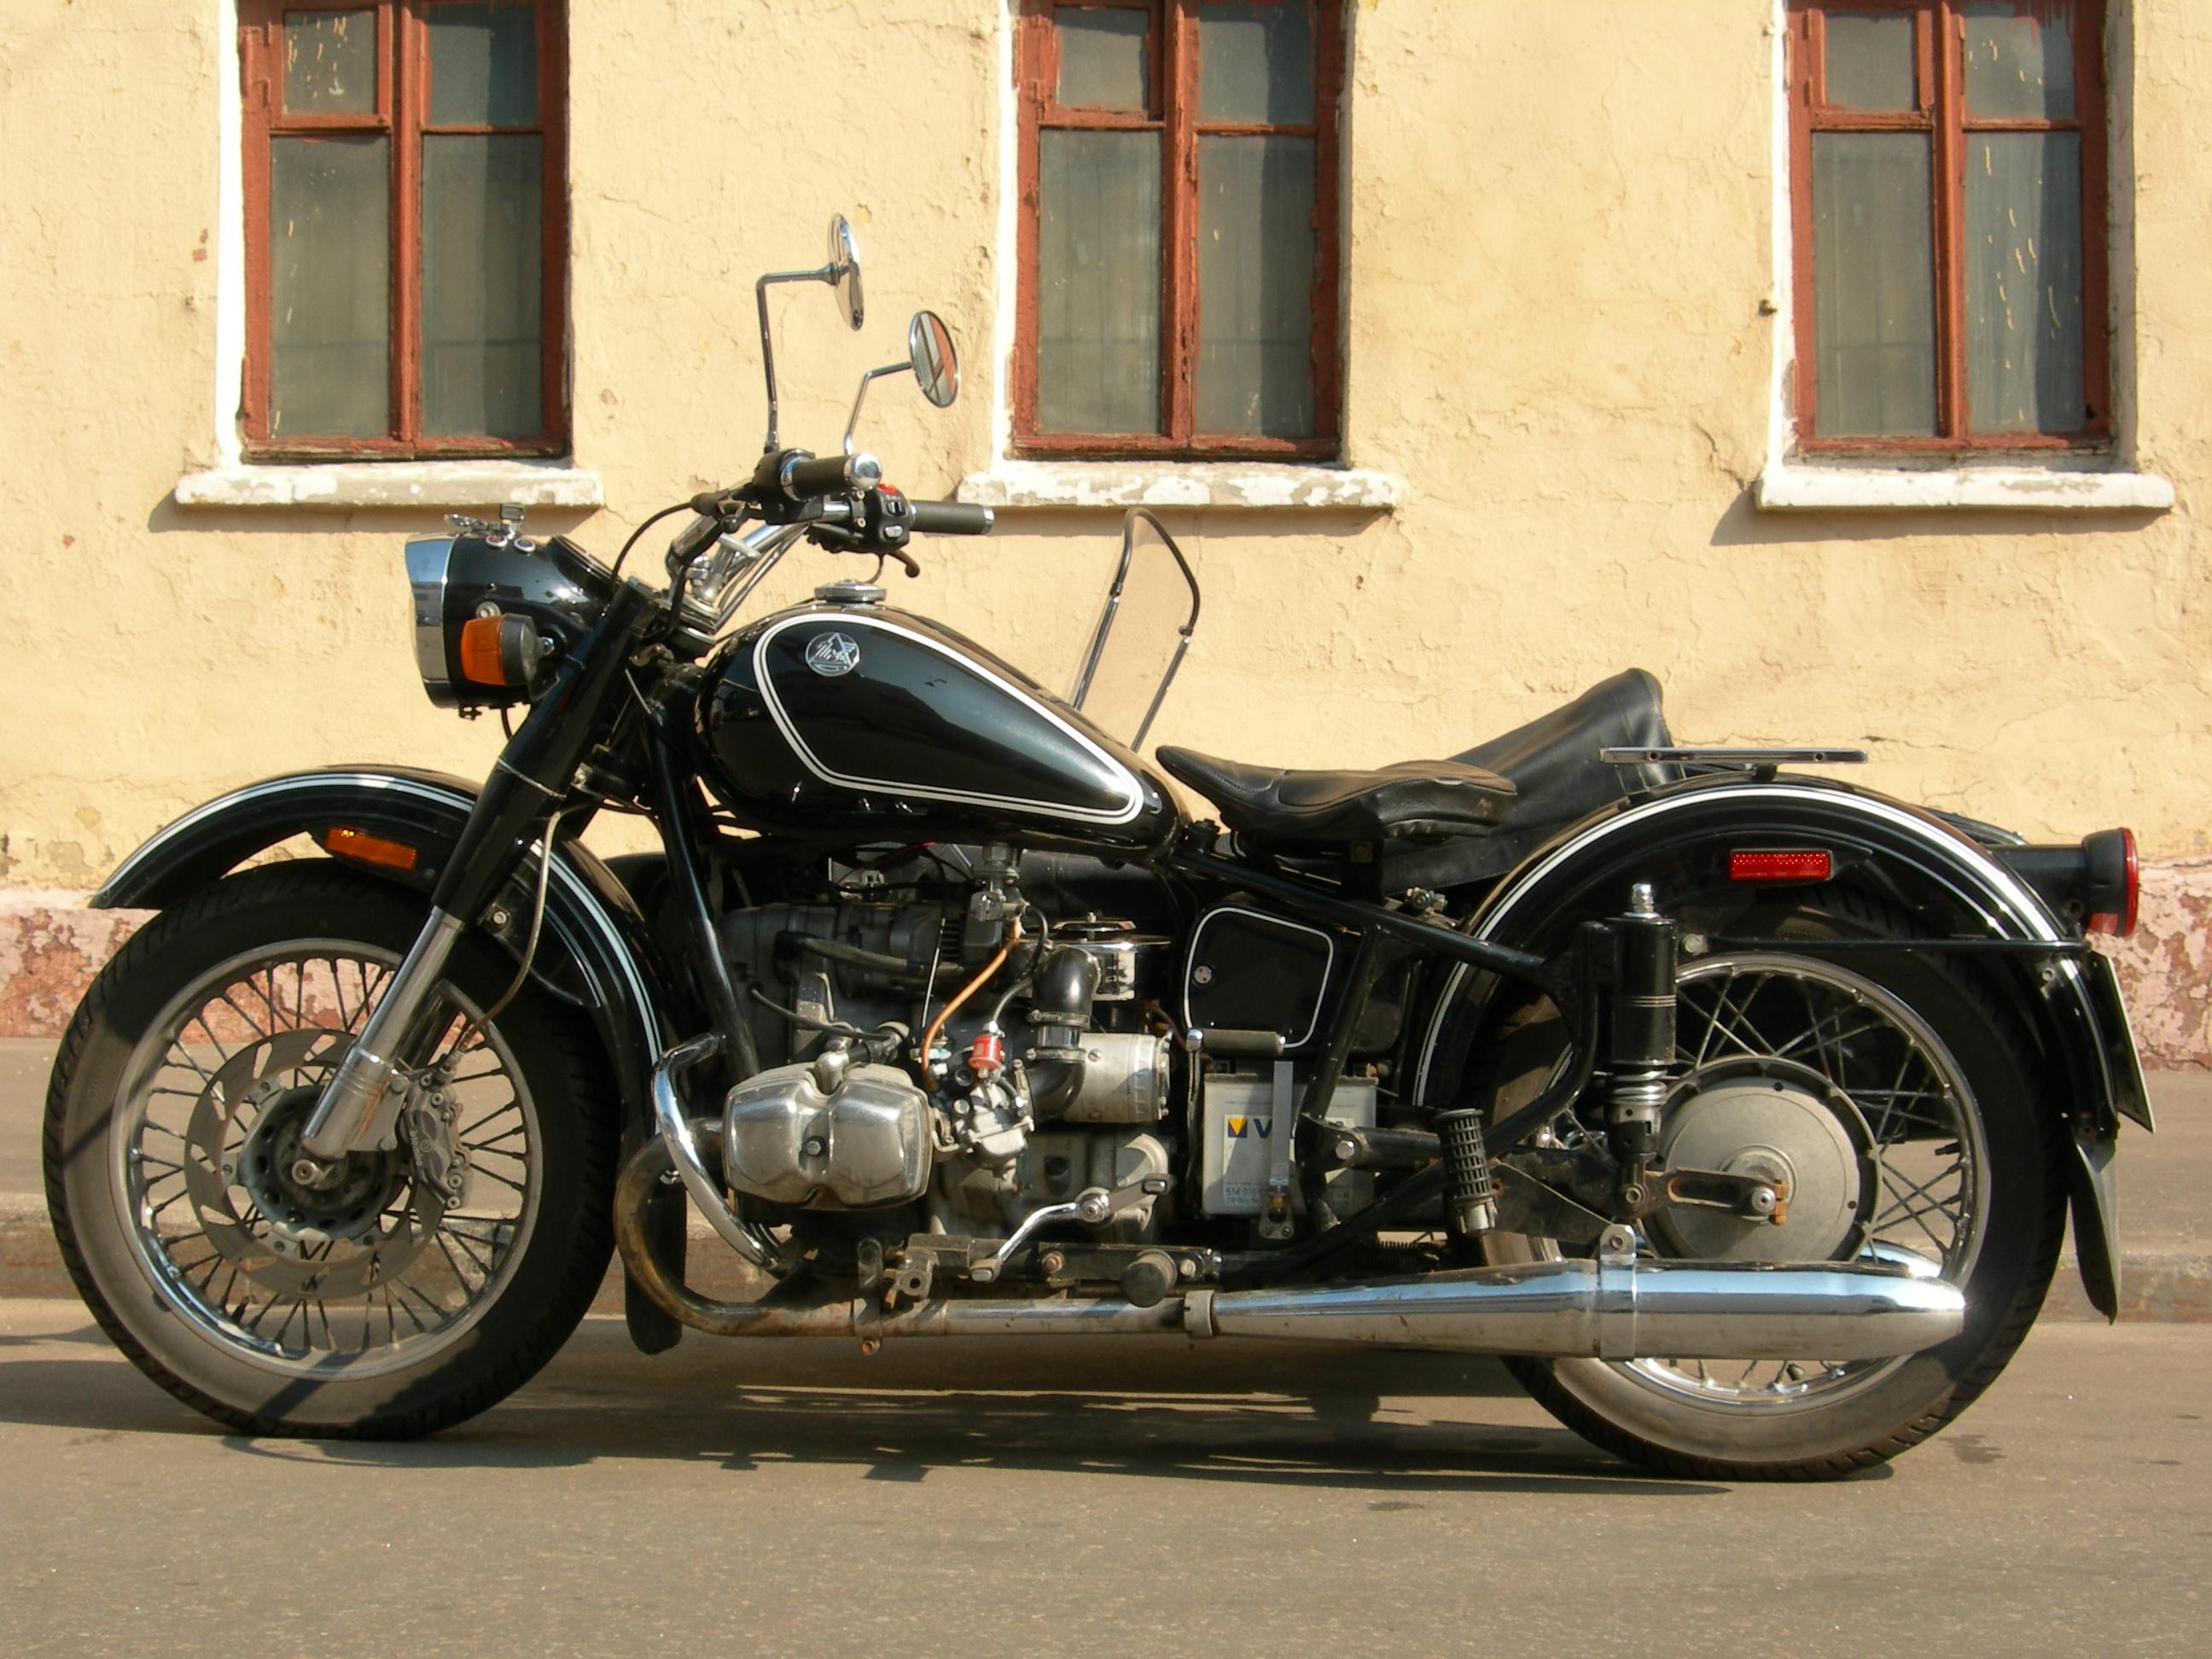 File:Motorcycle URAL